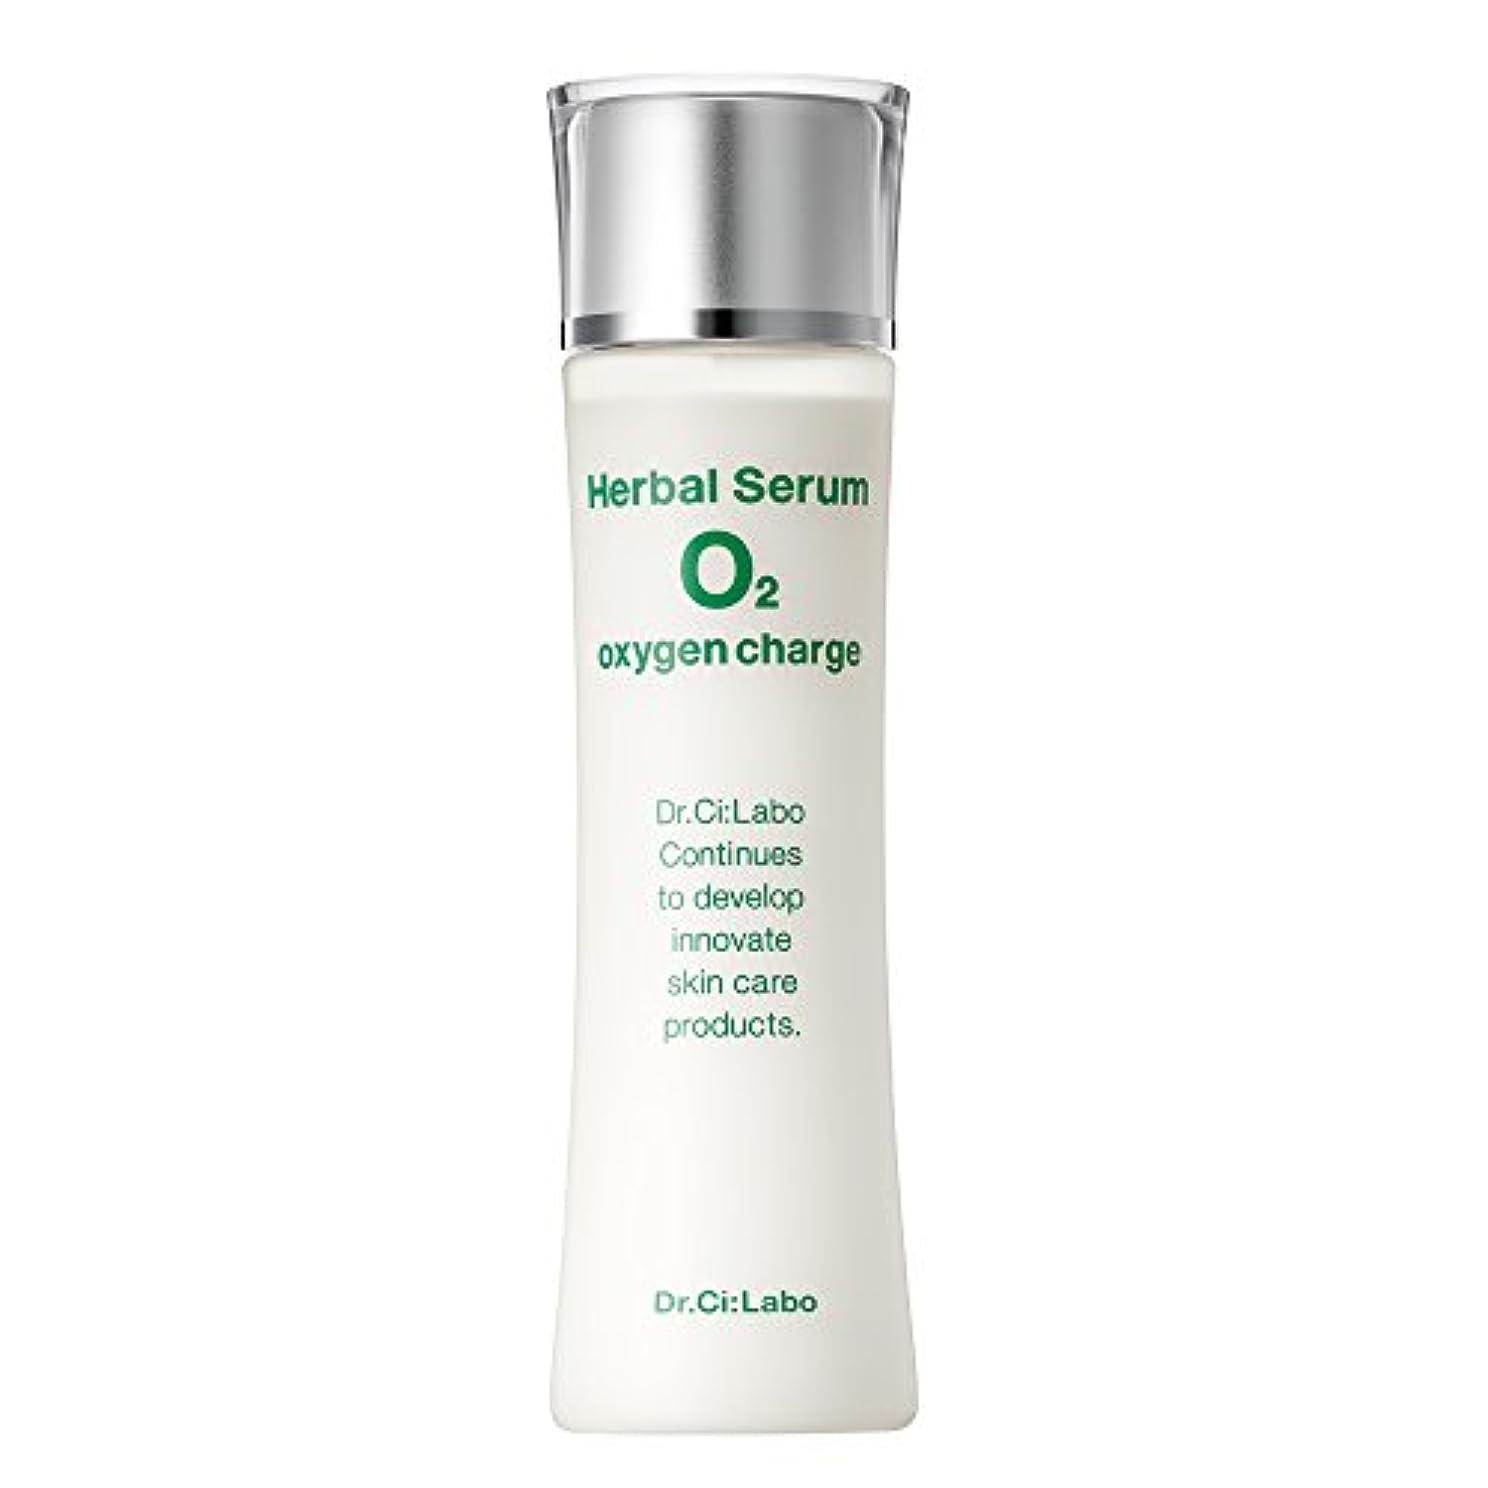 ドクターシーラボ ハーバルセラムO2 化粧水 150ml